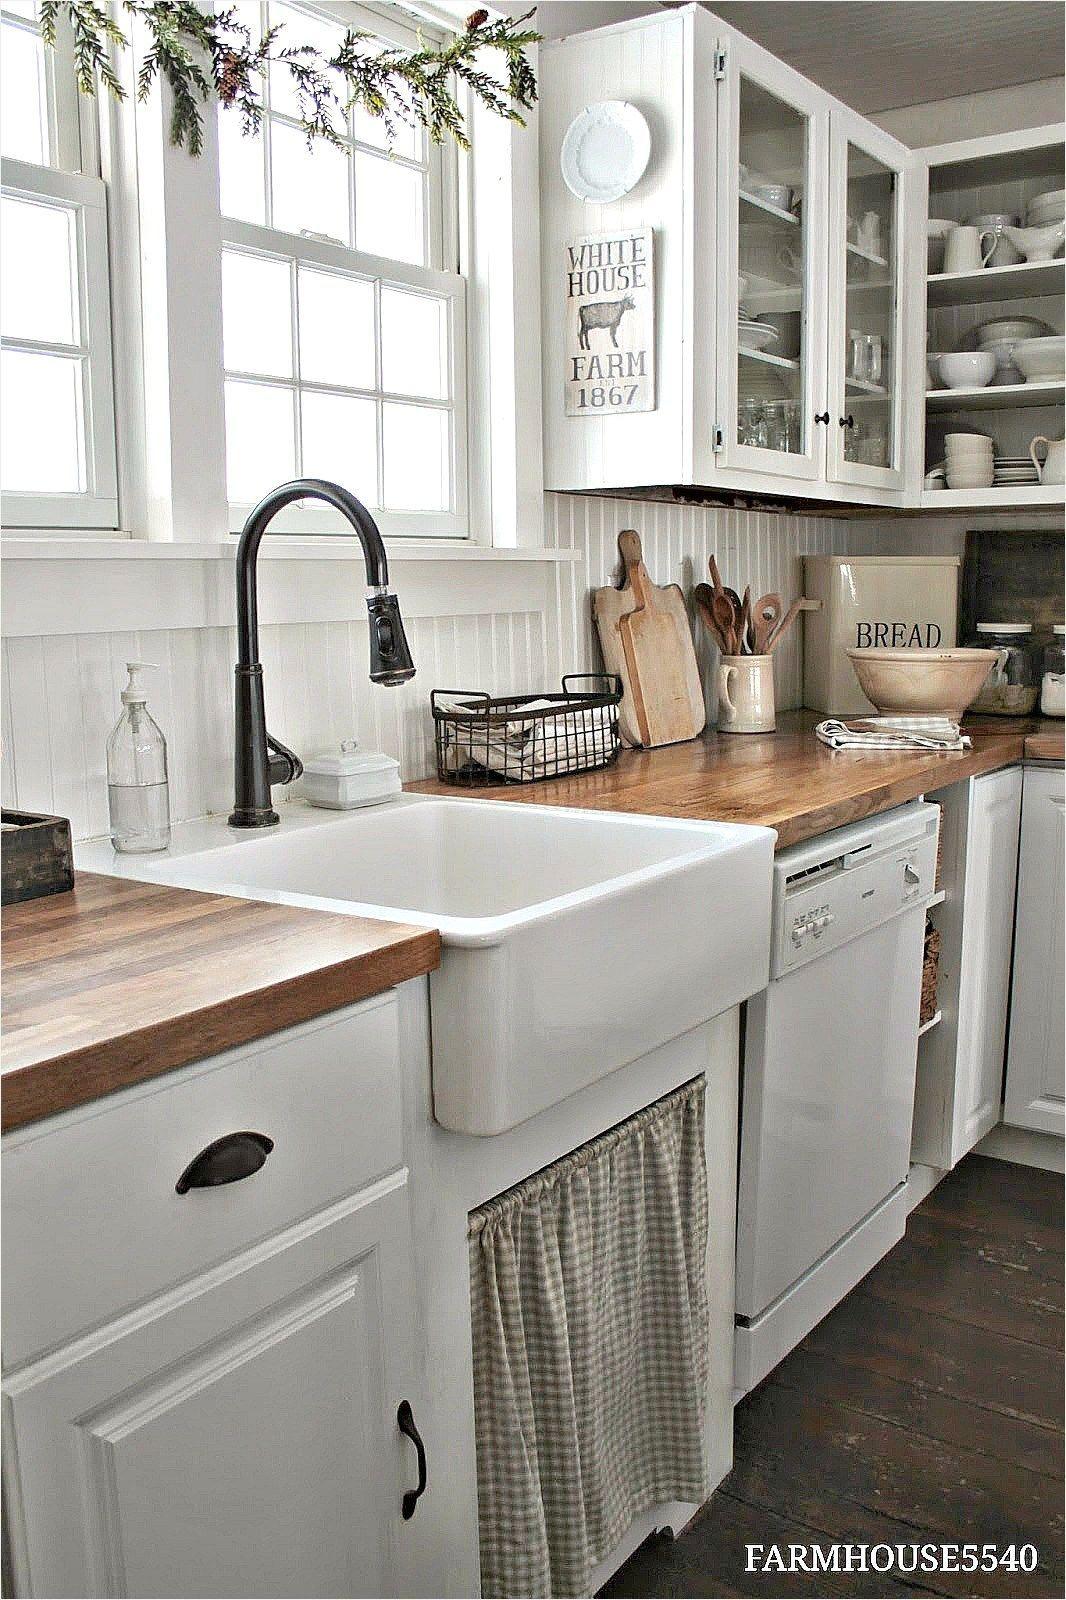 45 Perfect Farmhouse Small Kitchen Ideas That Will Amaze You